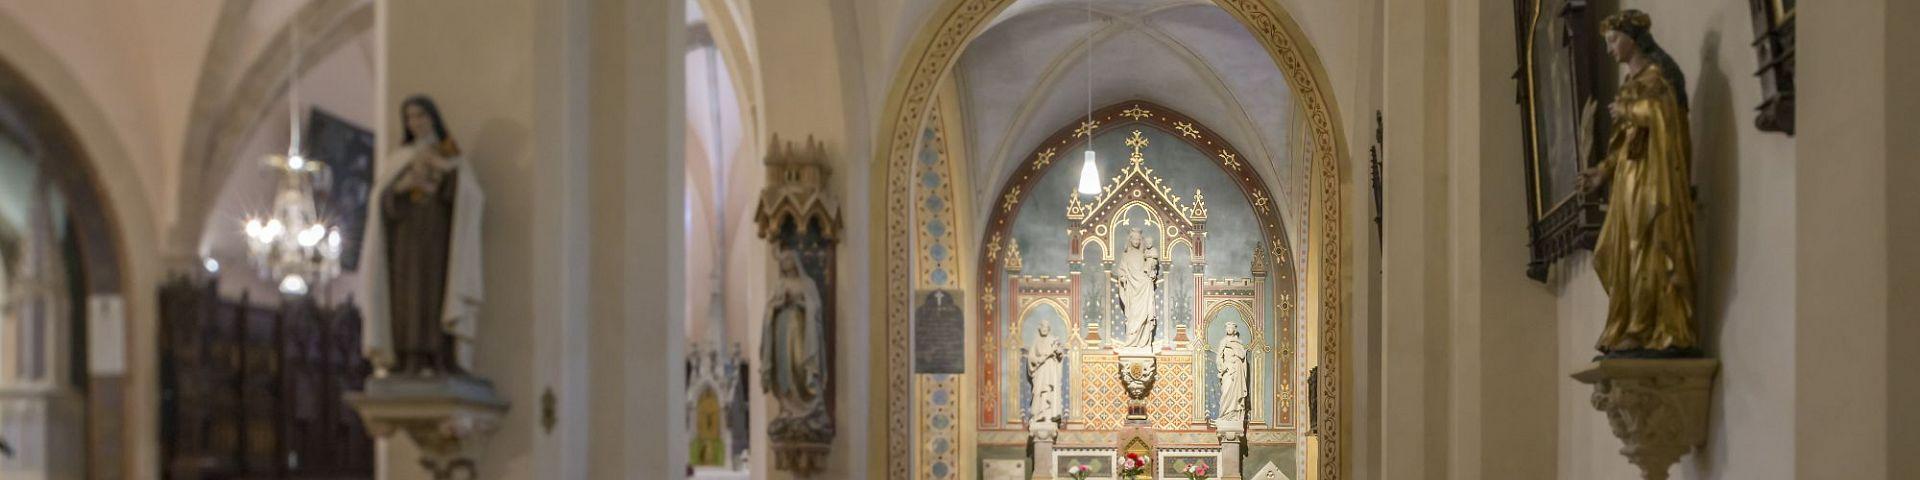 Maynal - Eglise St-Cloud (39)